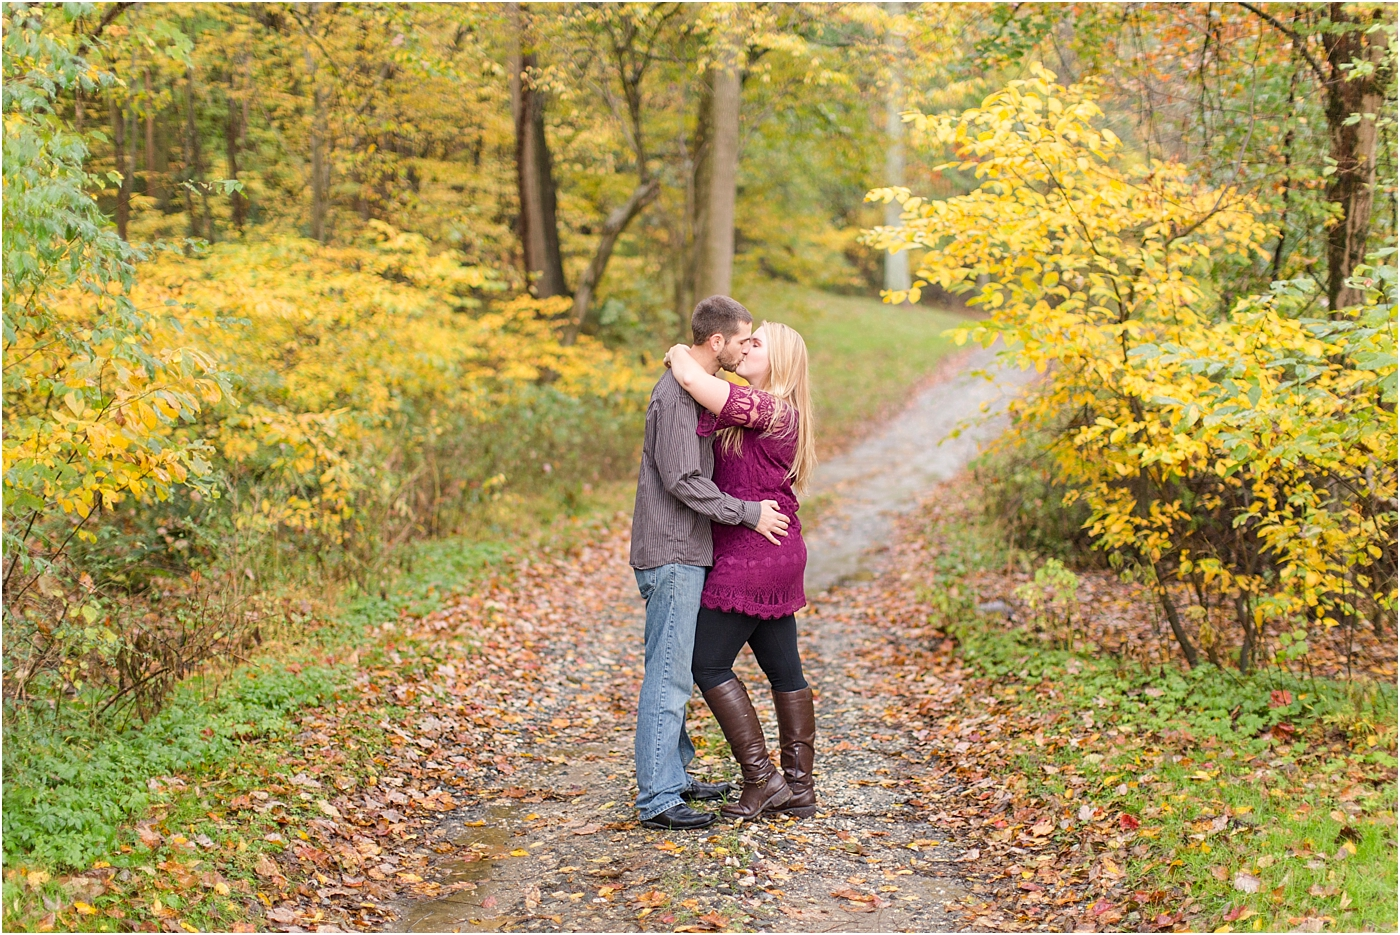 Maryland-Engagement-Photographer-20.jpg